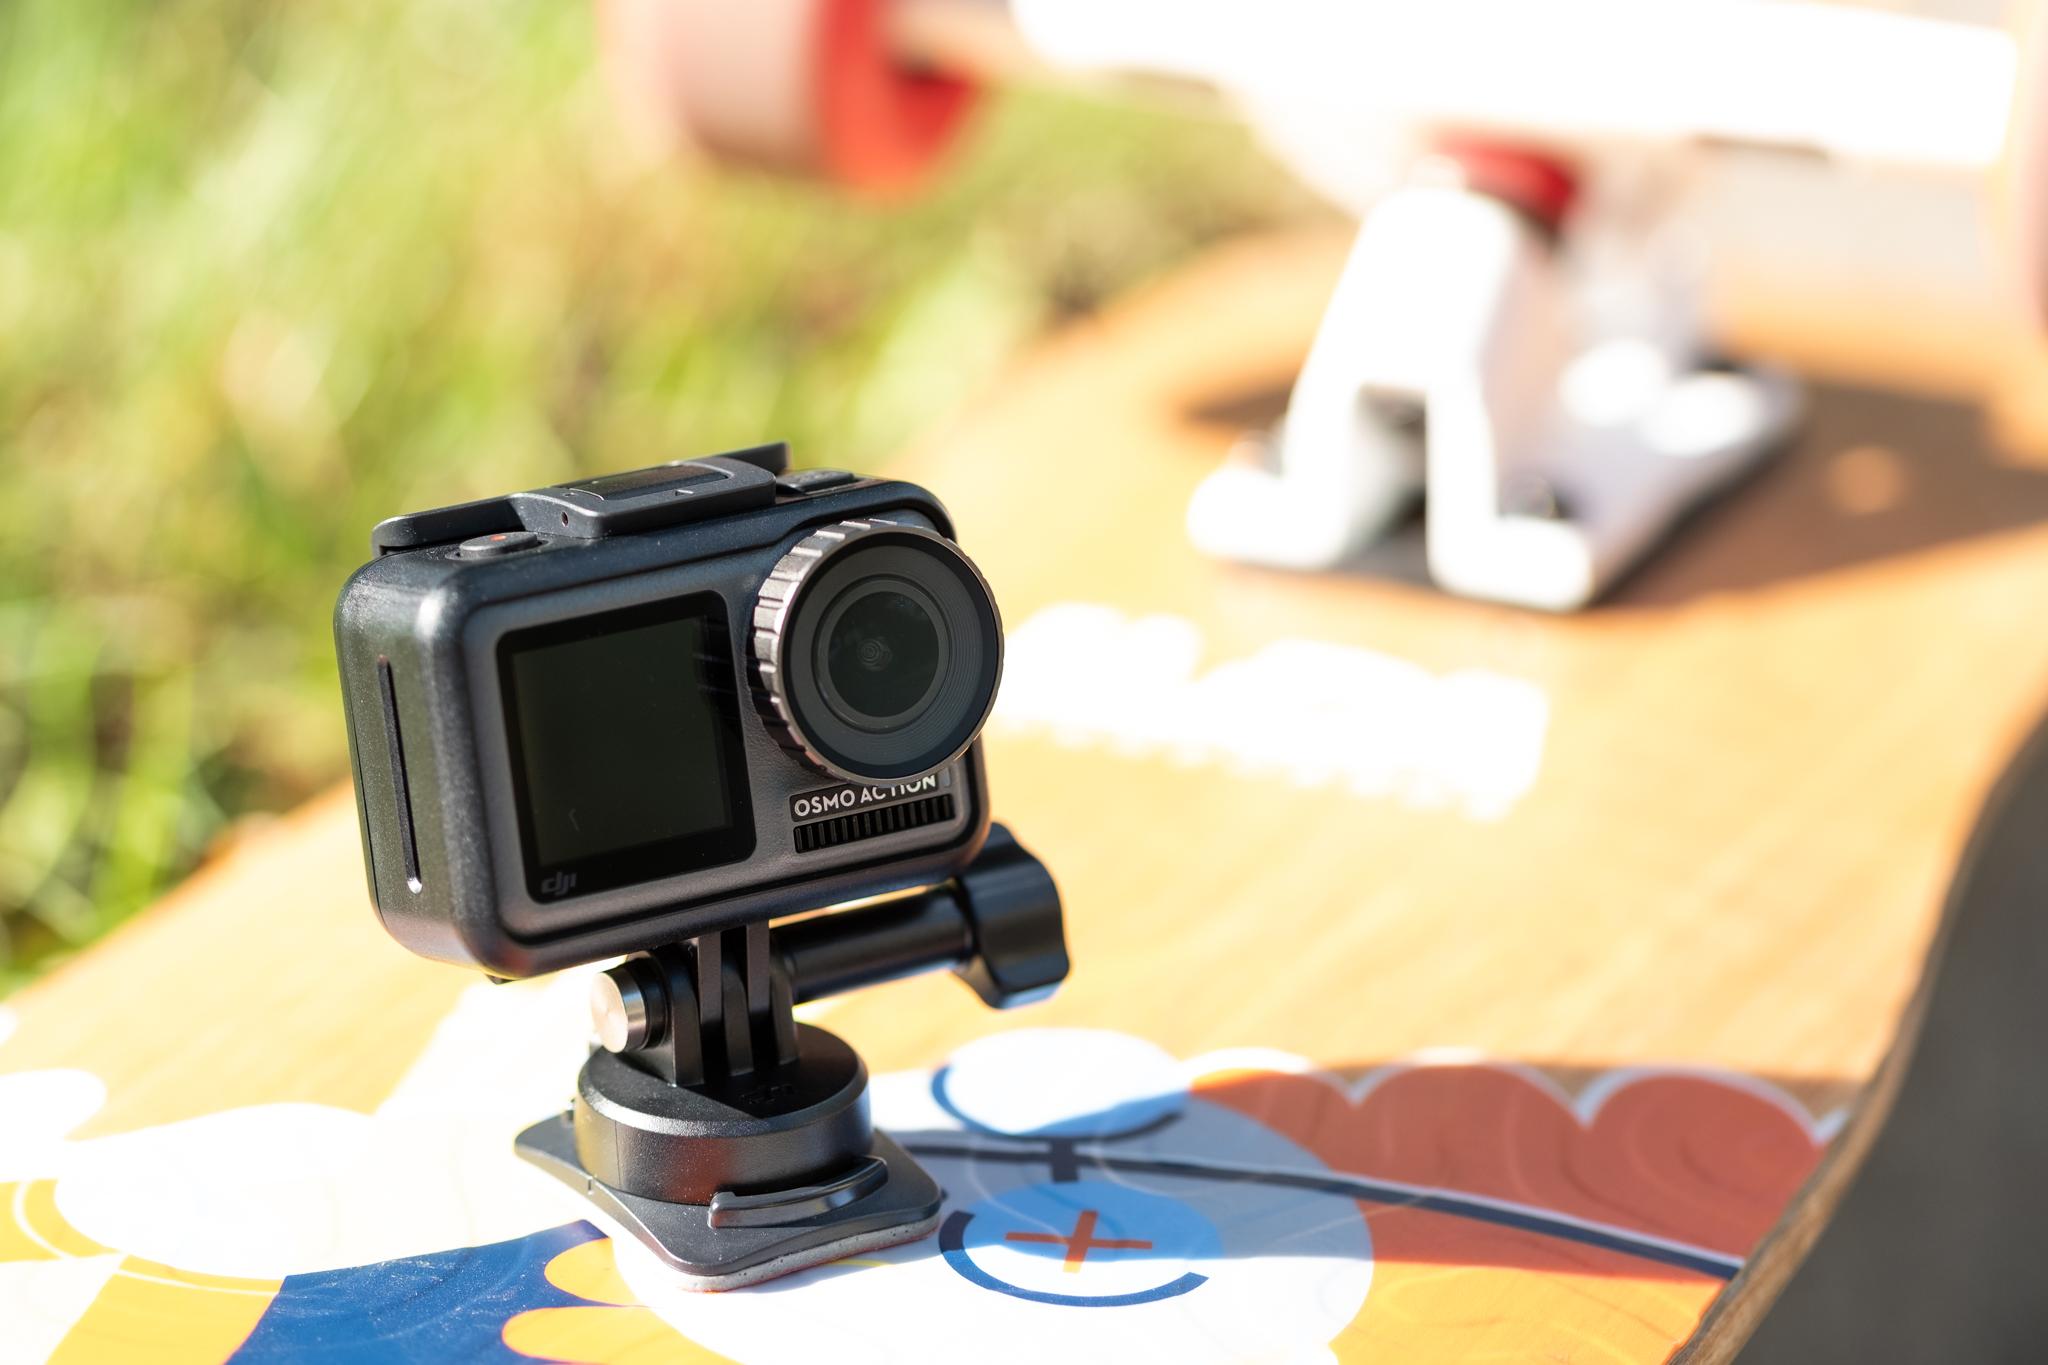 DJI Osmo Action - kamerka spotowa, która ani drgnie